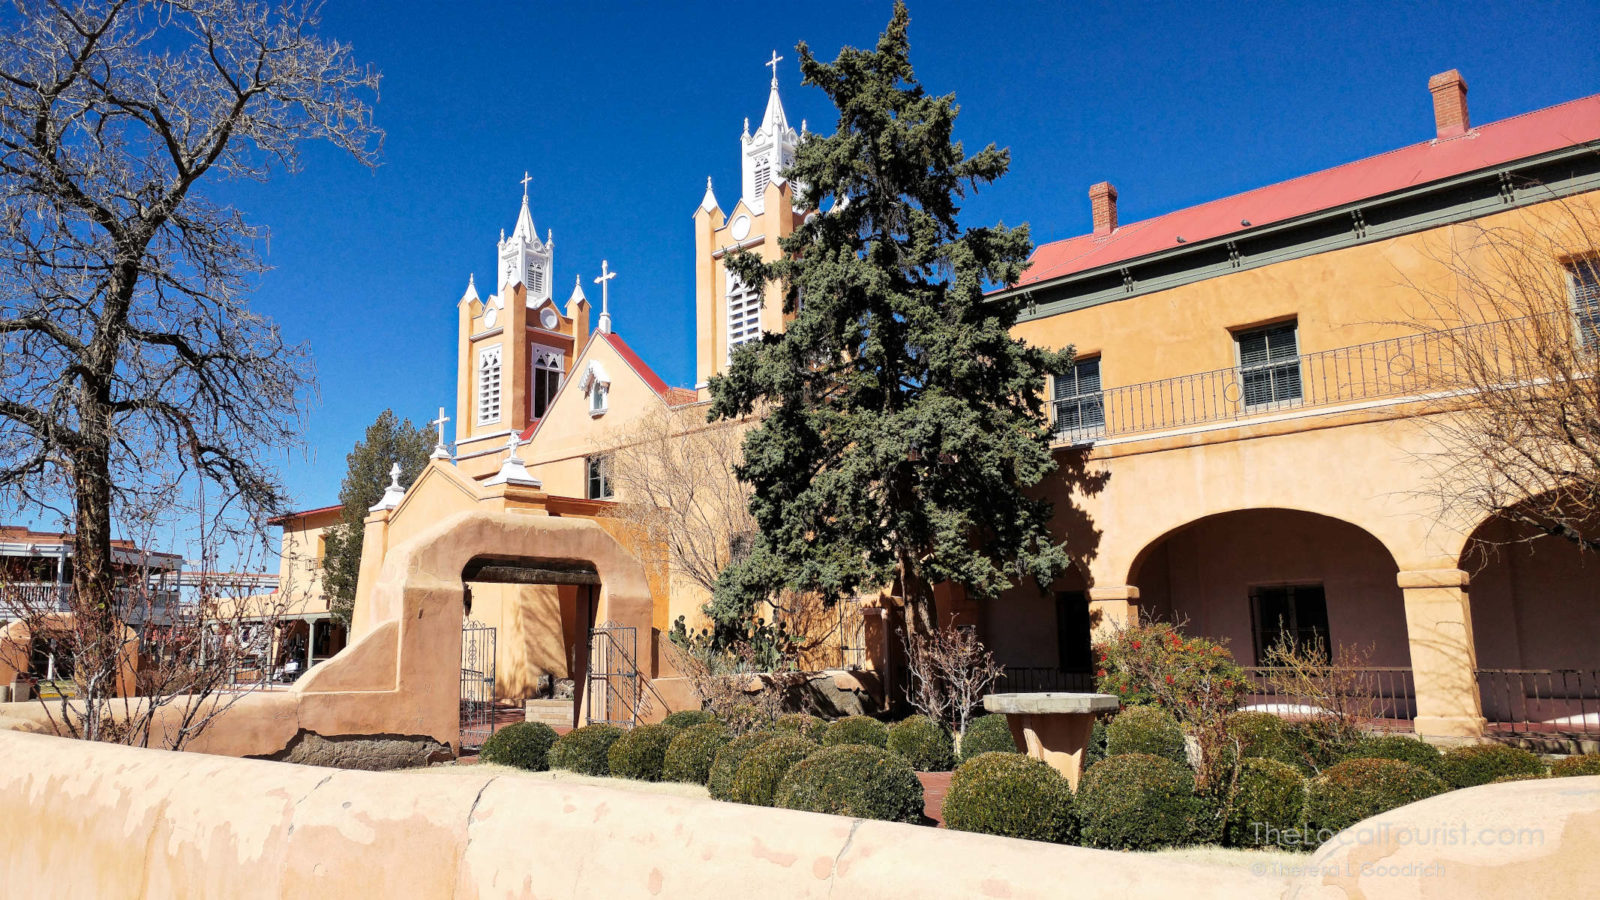 San Felipe de Neri Church in Old Town Albuquerque, New Mexico